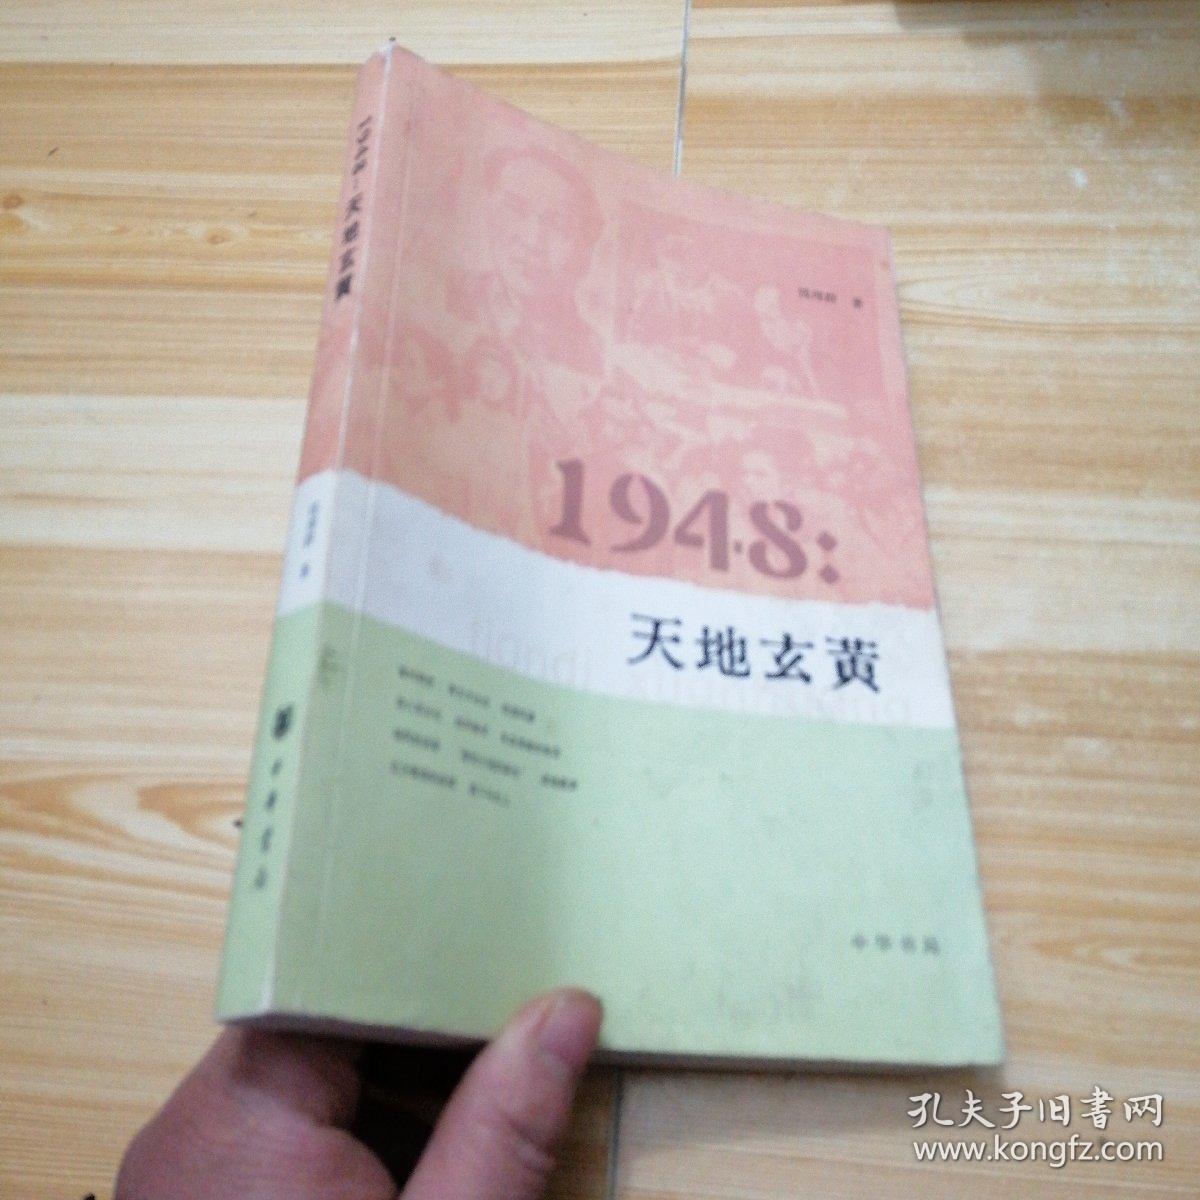 1948:天地玄黄